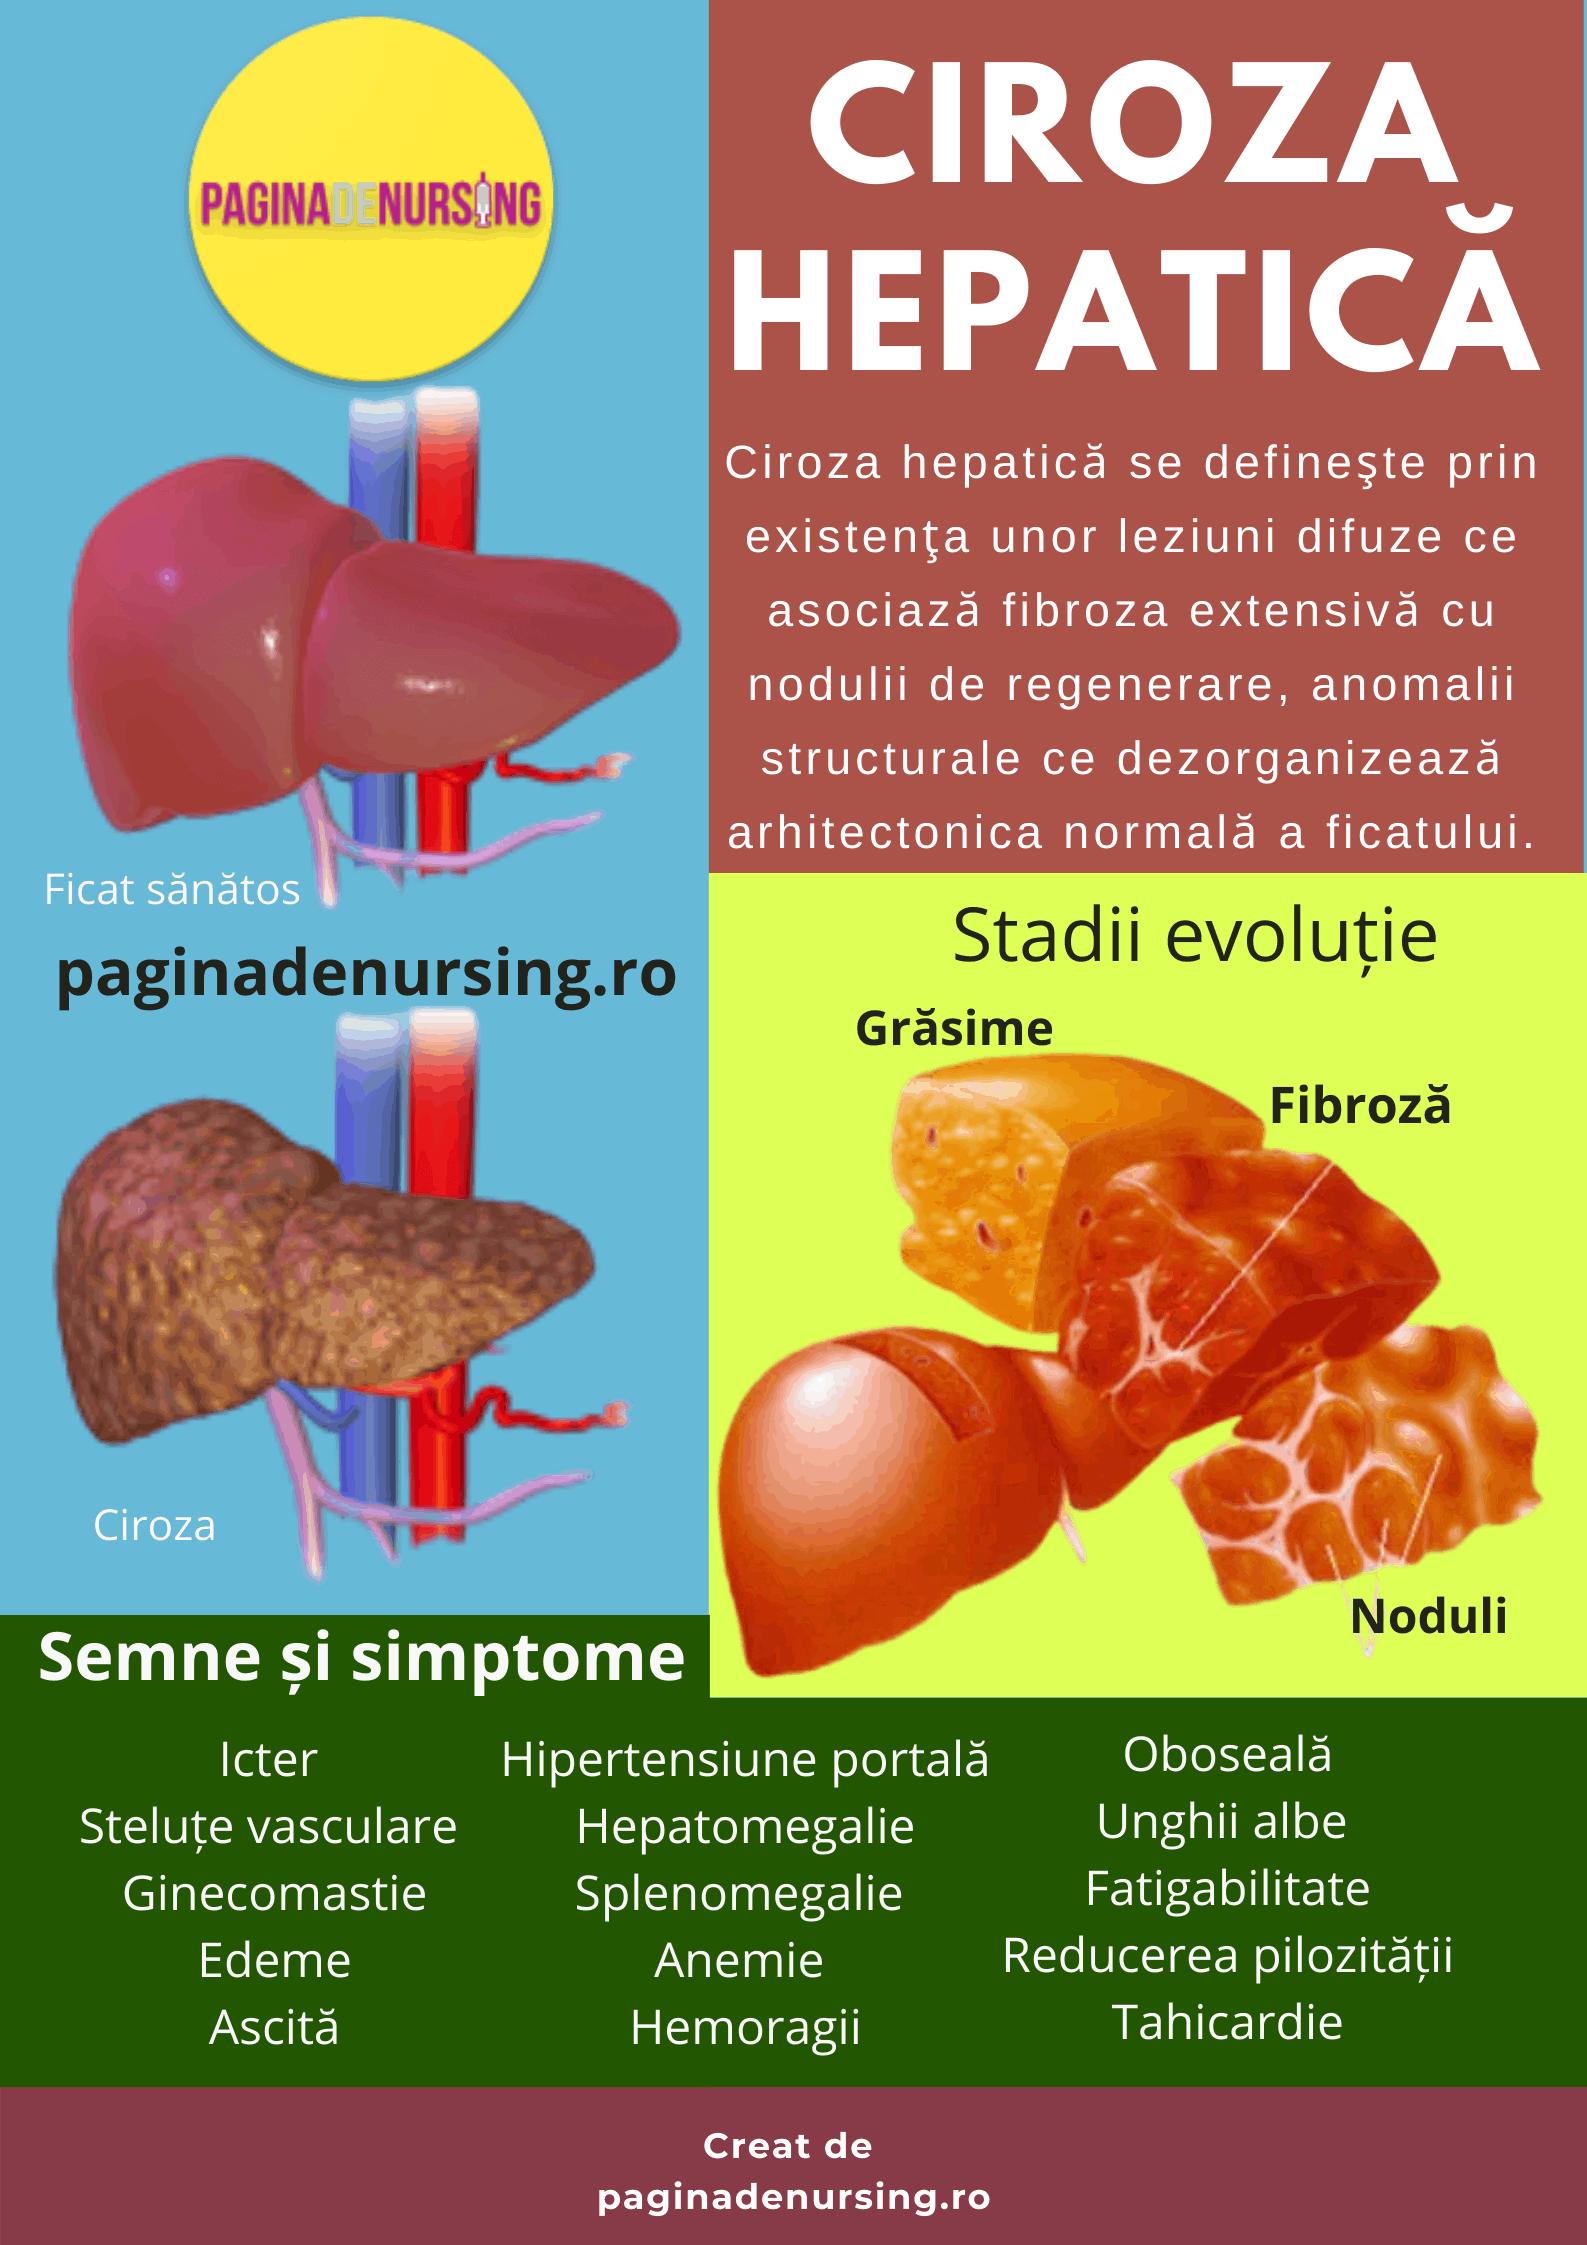 tratament ciroza hepatica